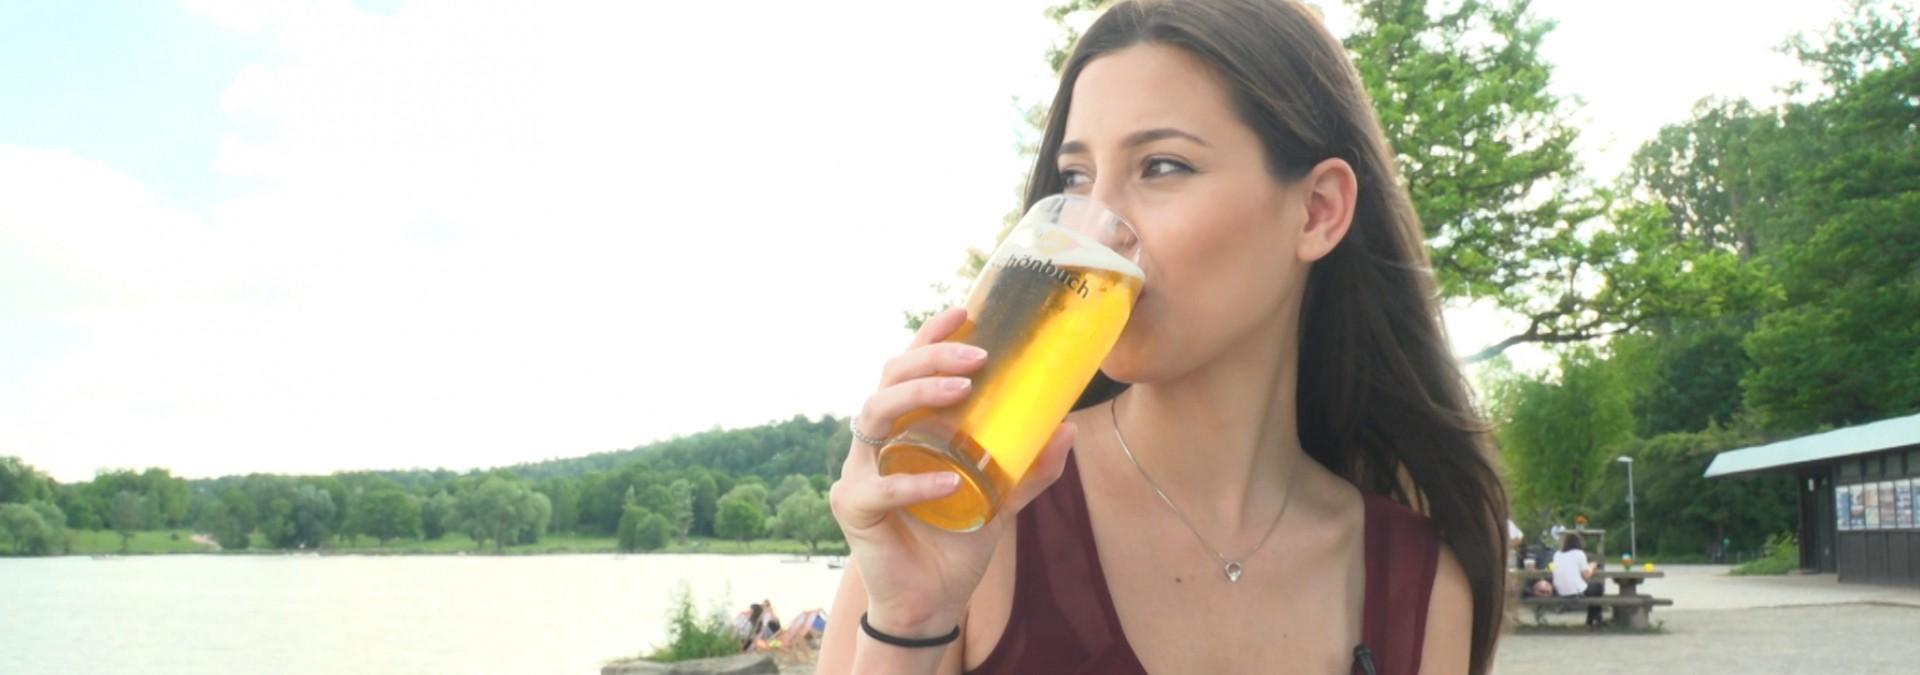 Sommer, Sonne, Biergarten!